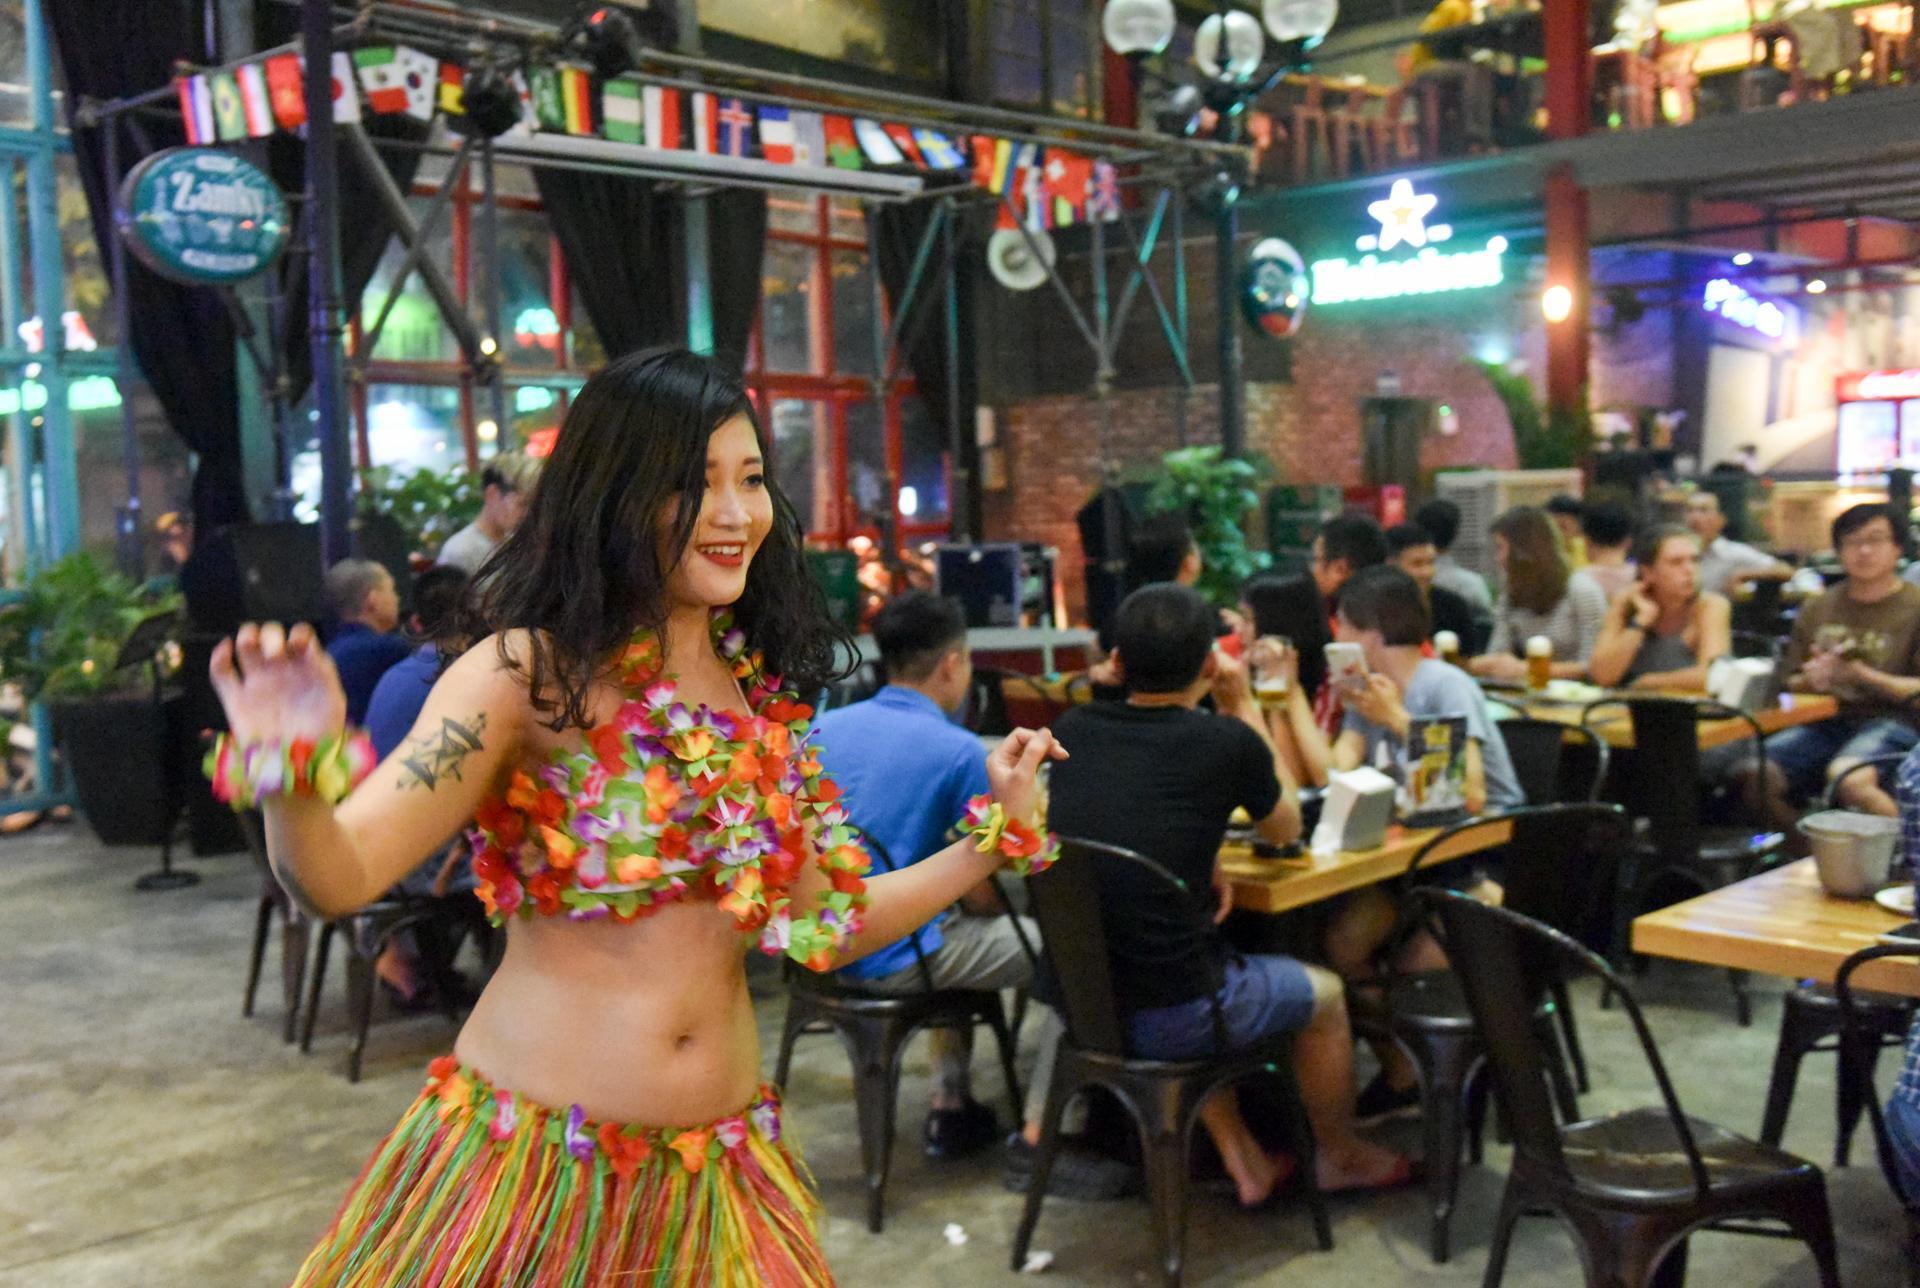 Quán nhậu, vỉa hè đông người hâm mộ xem trận khai mạc World Cup